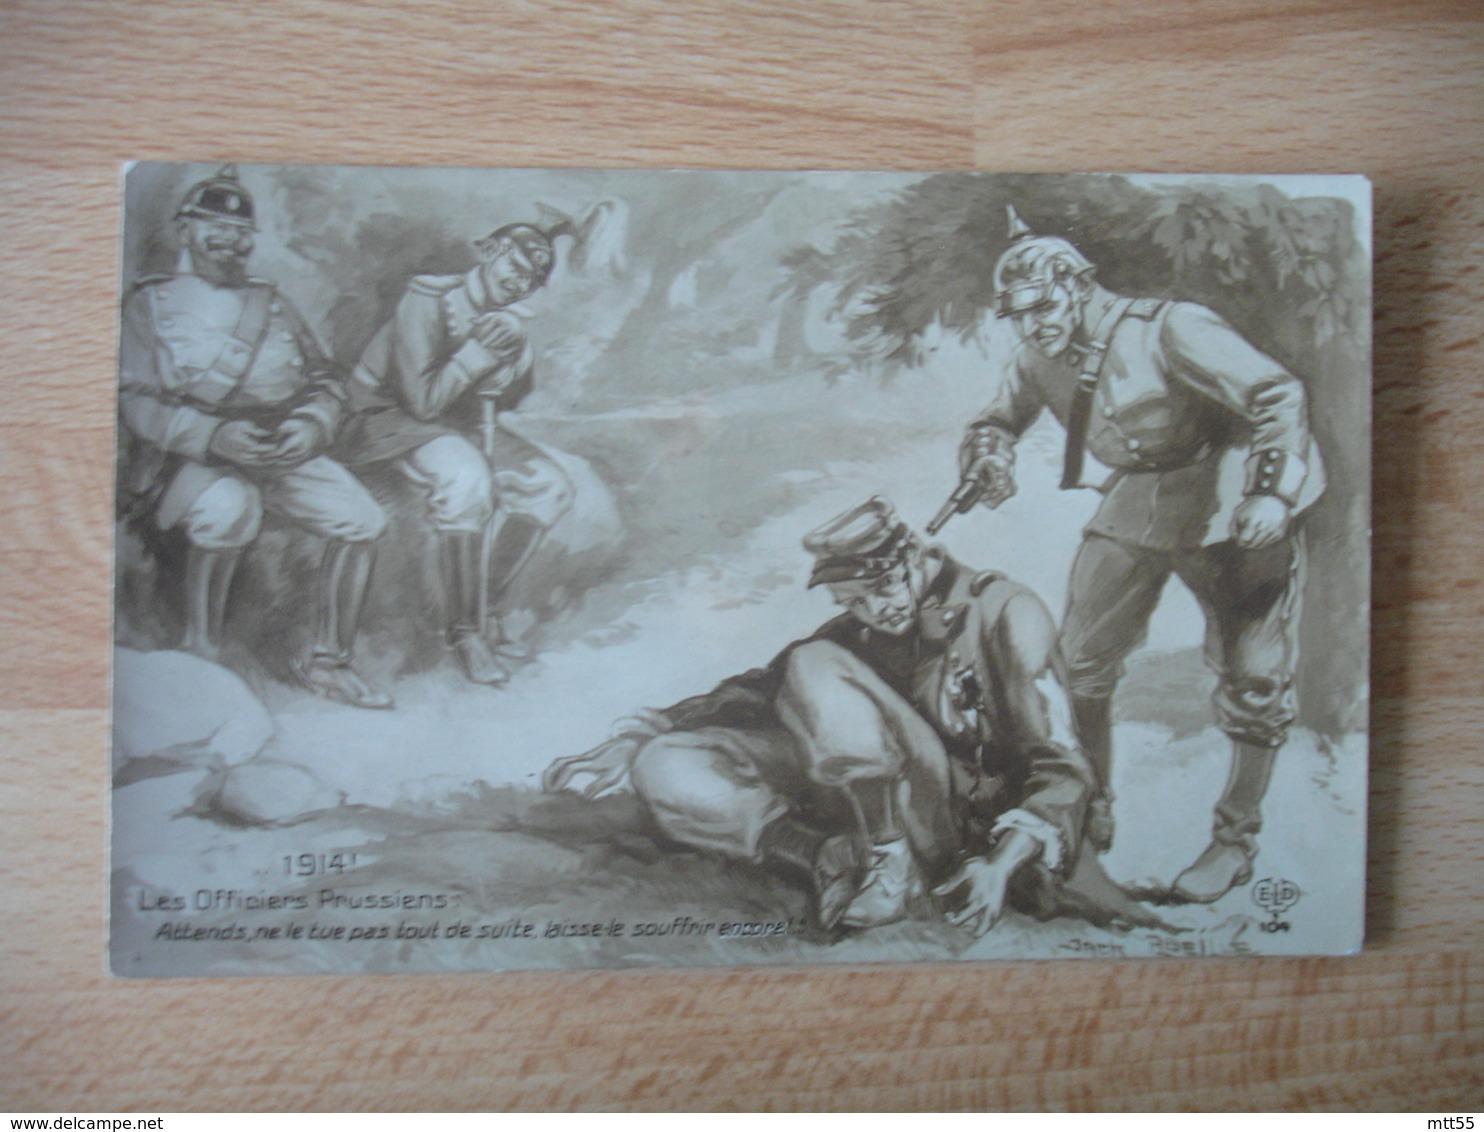 Guerre 14.18 Carte Patriotique Anti Allemand  Laisse Souffrir Francais Blesse - Guerre 1914-18